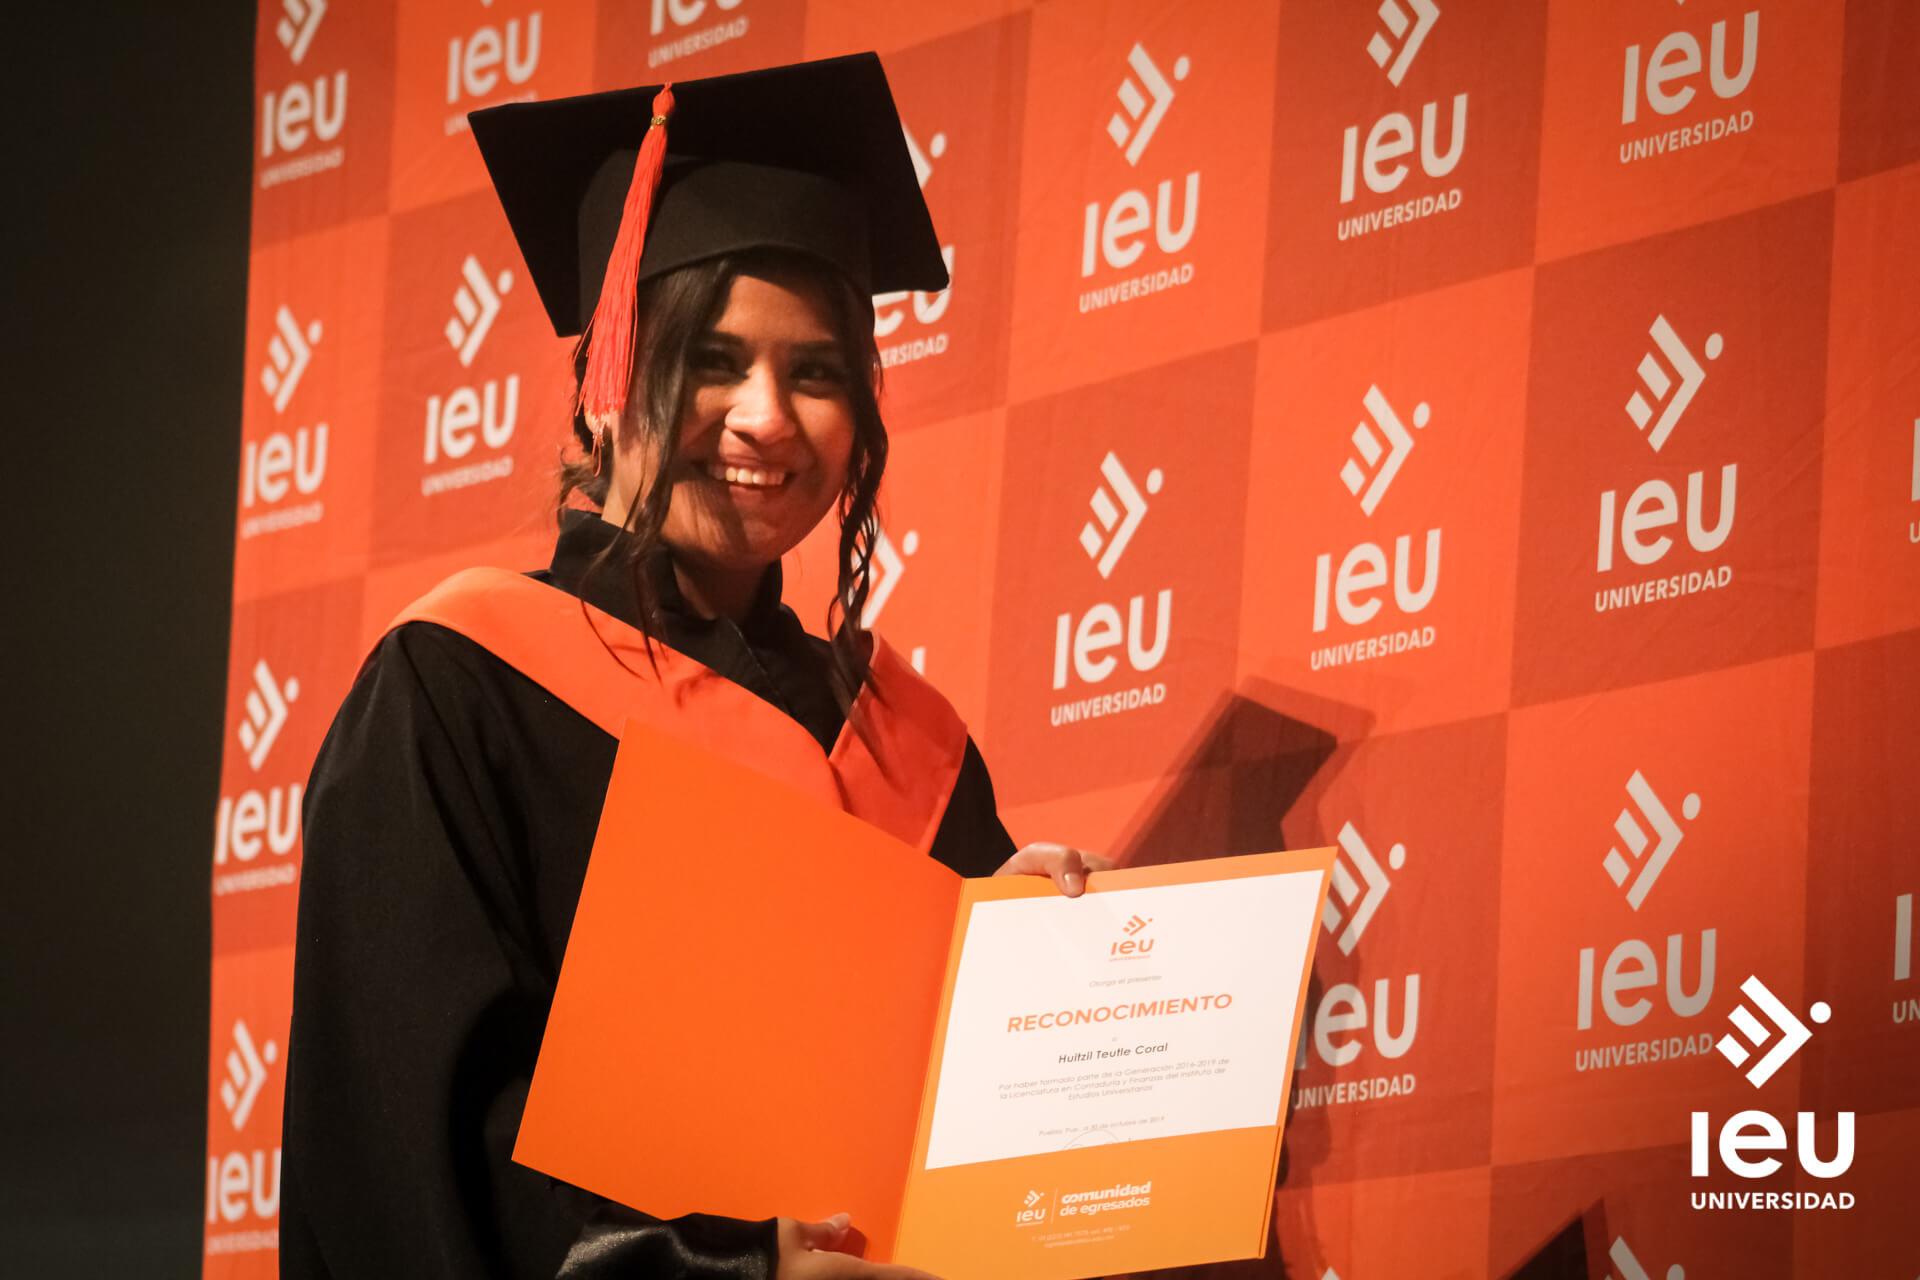 Universidad Ieu Graduacion 2019 9